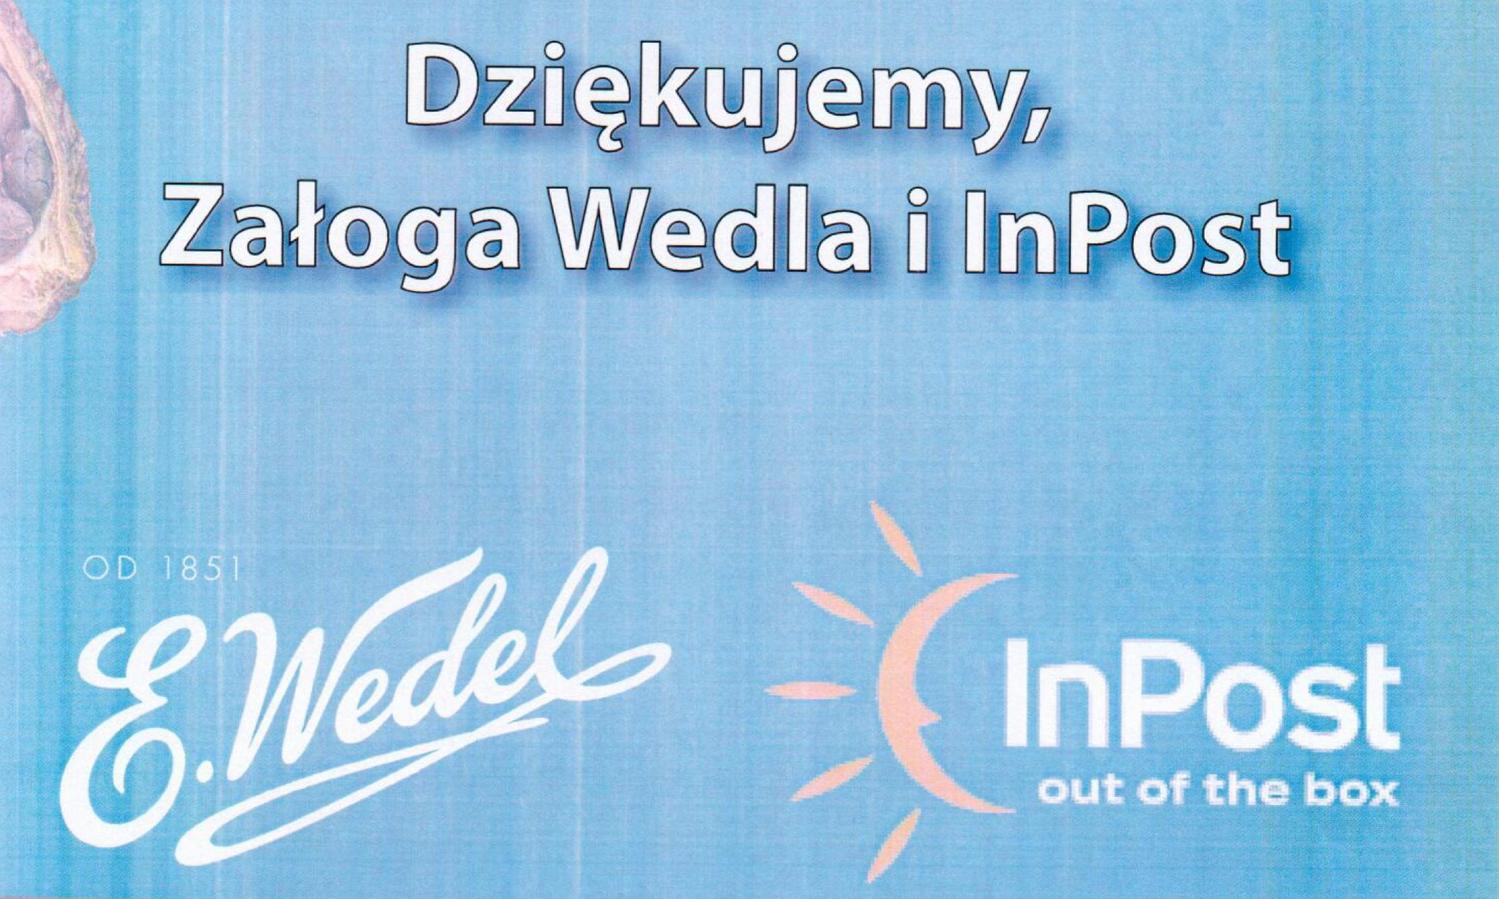 Dziękujemy marce E.Wedel oraz InPost za wsparcie